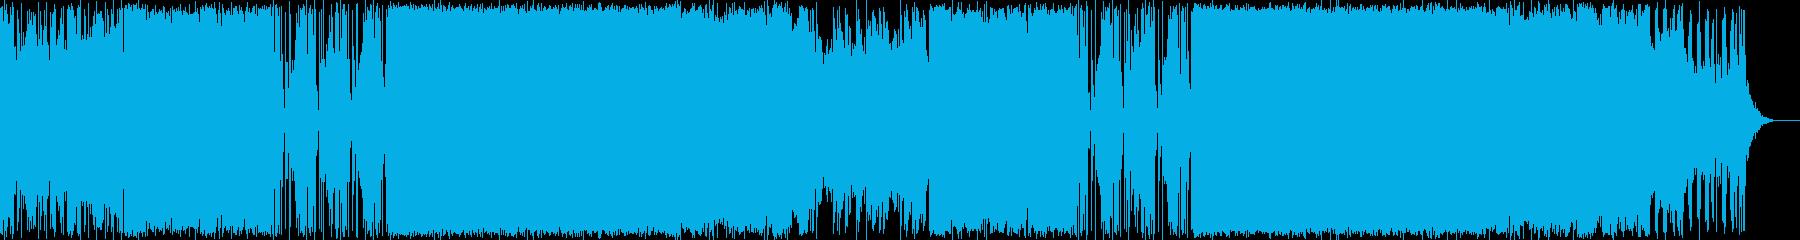 ボス戦、D&B弦楽器生演奏の再生済みの波形